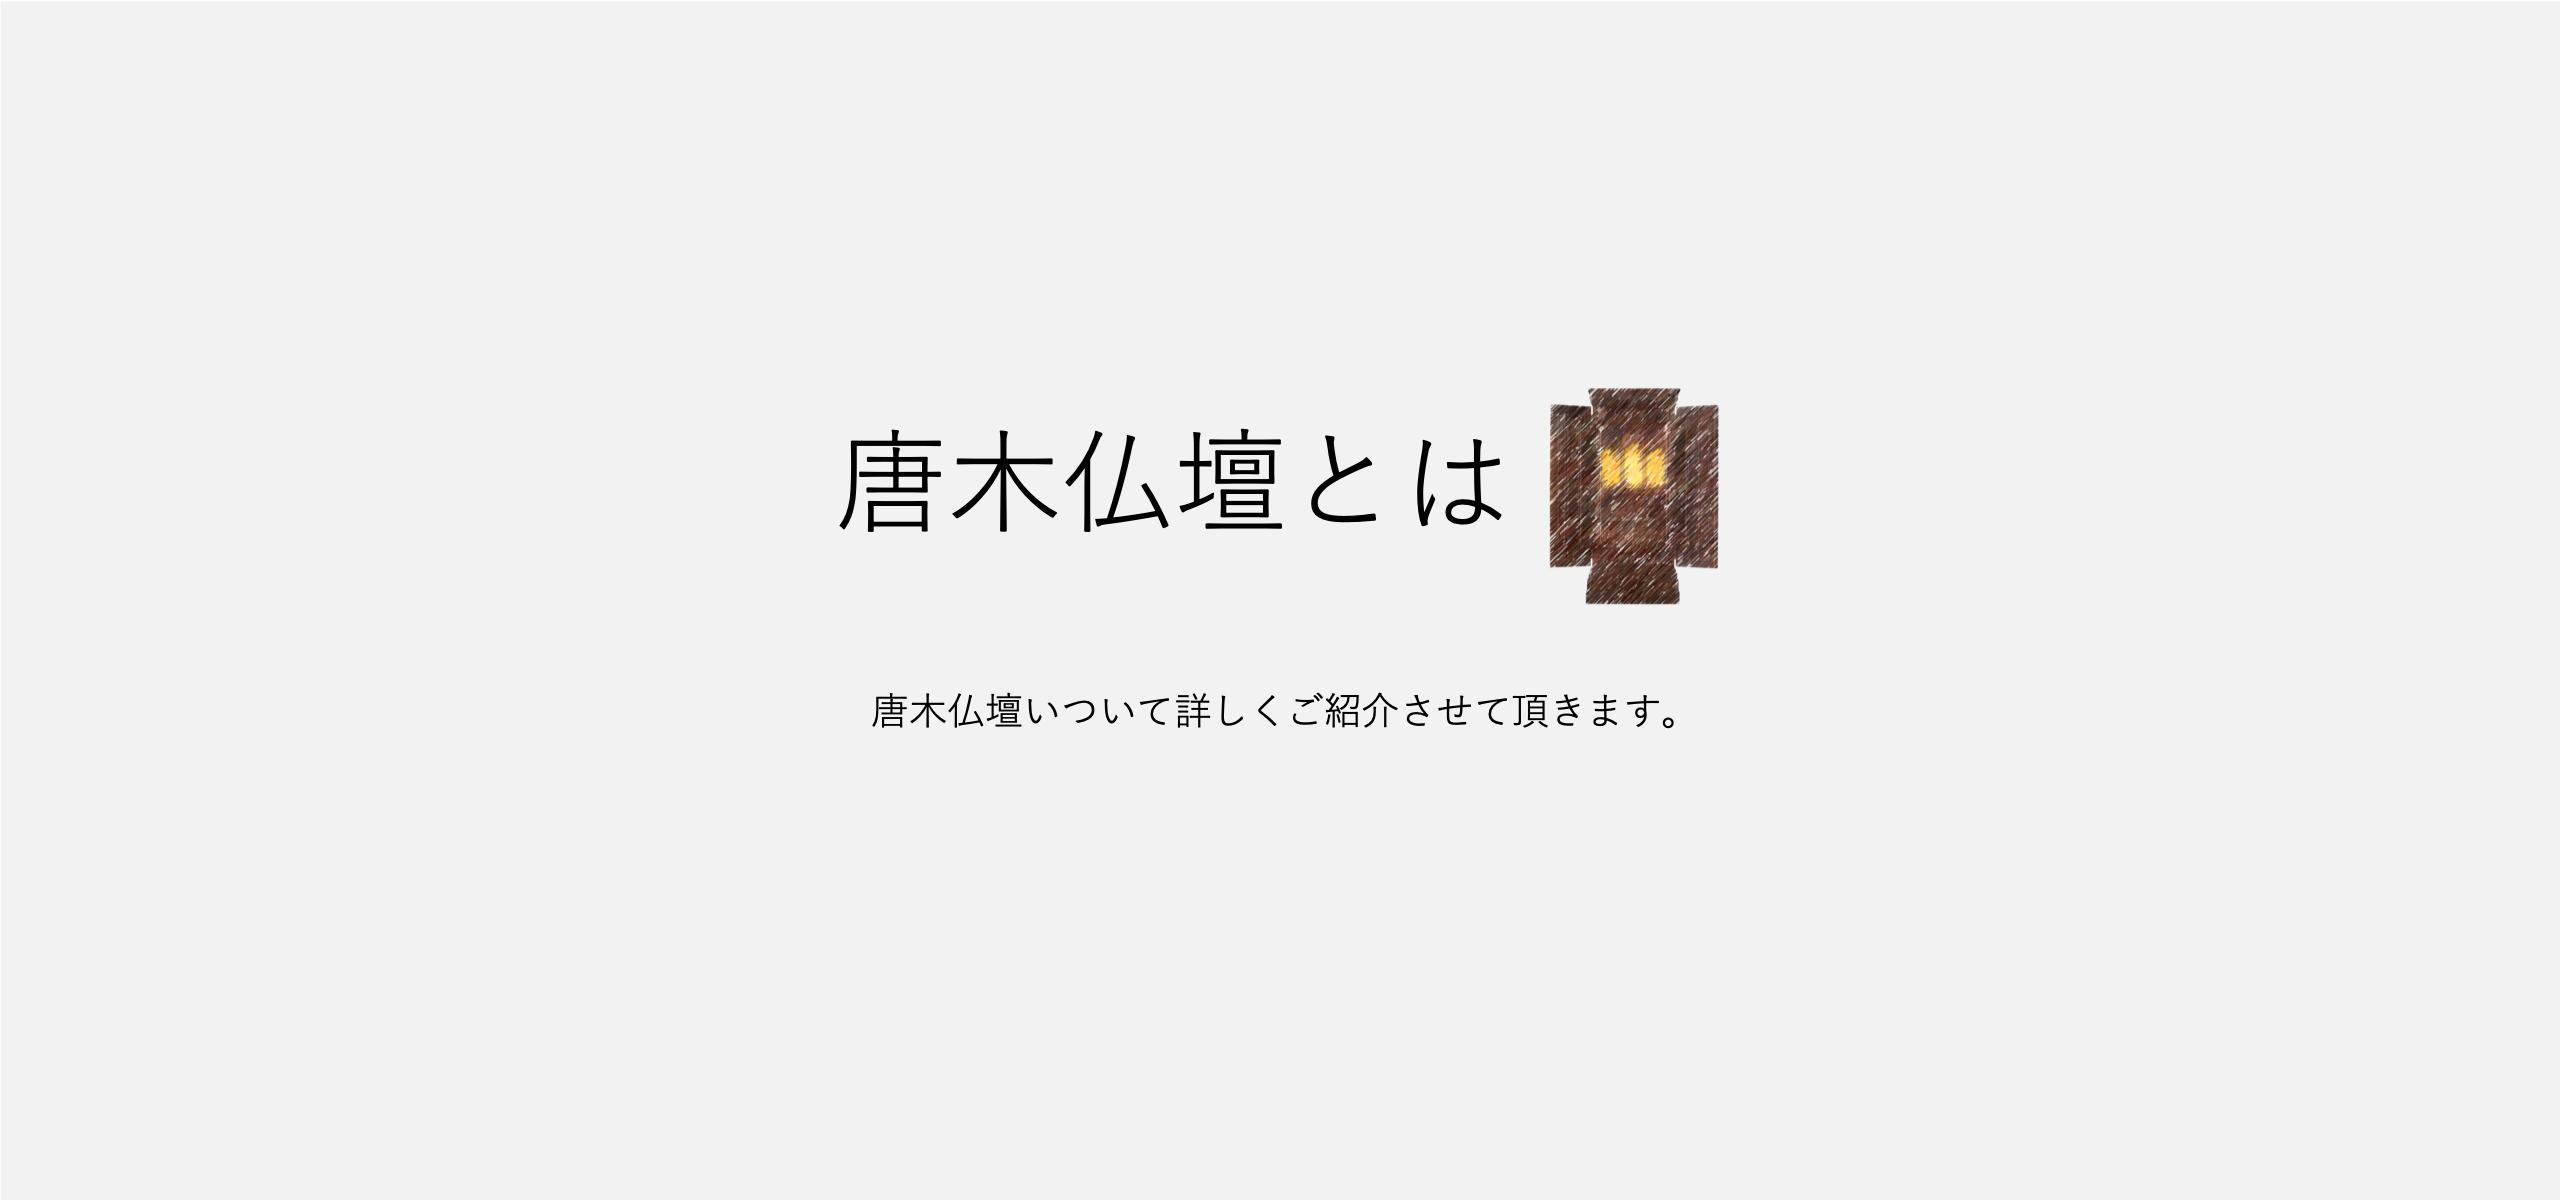 唐木仏壇とは